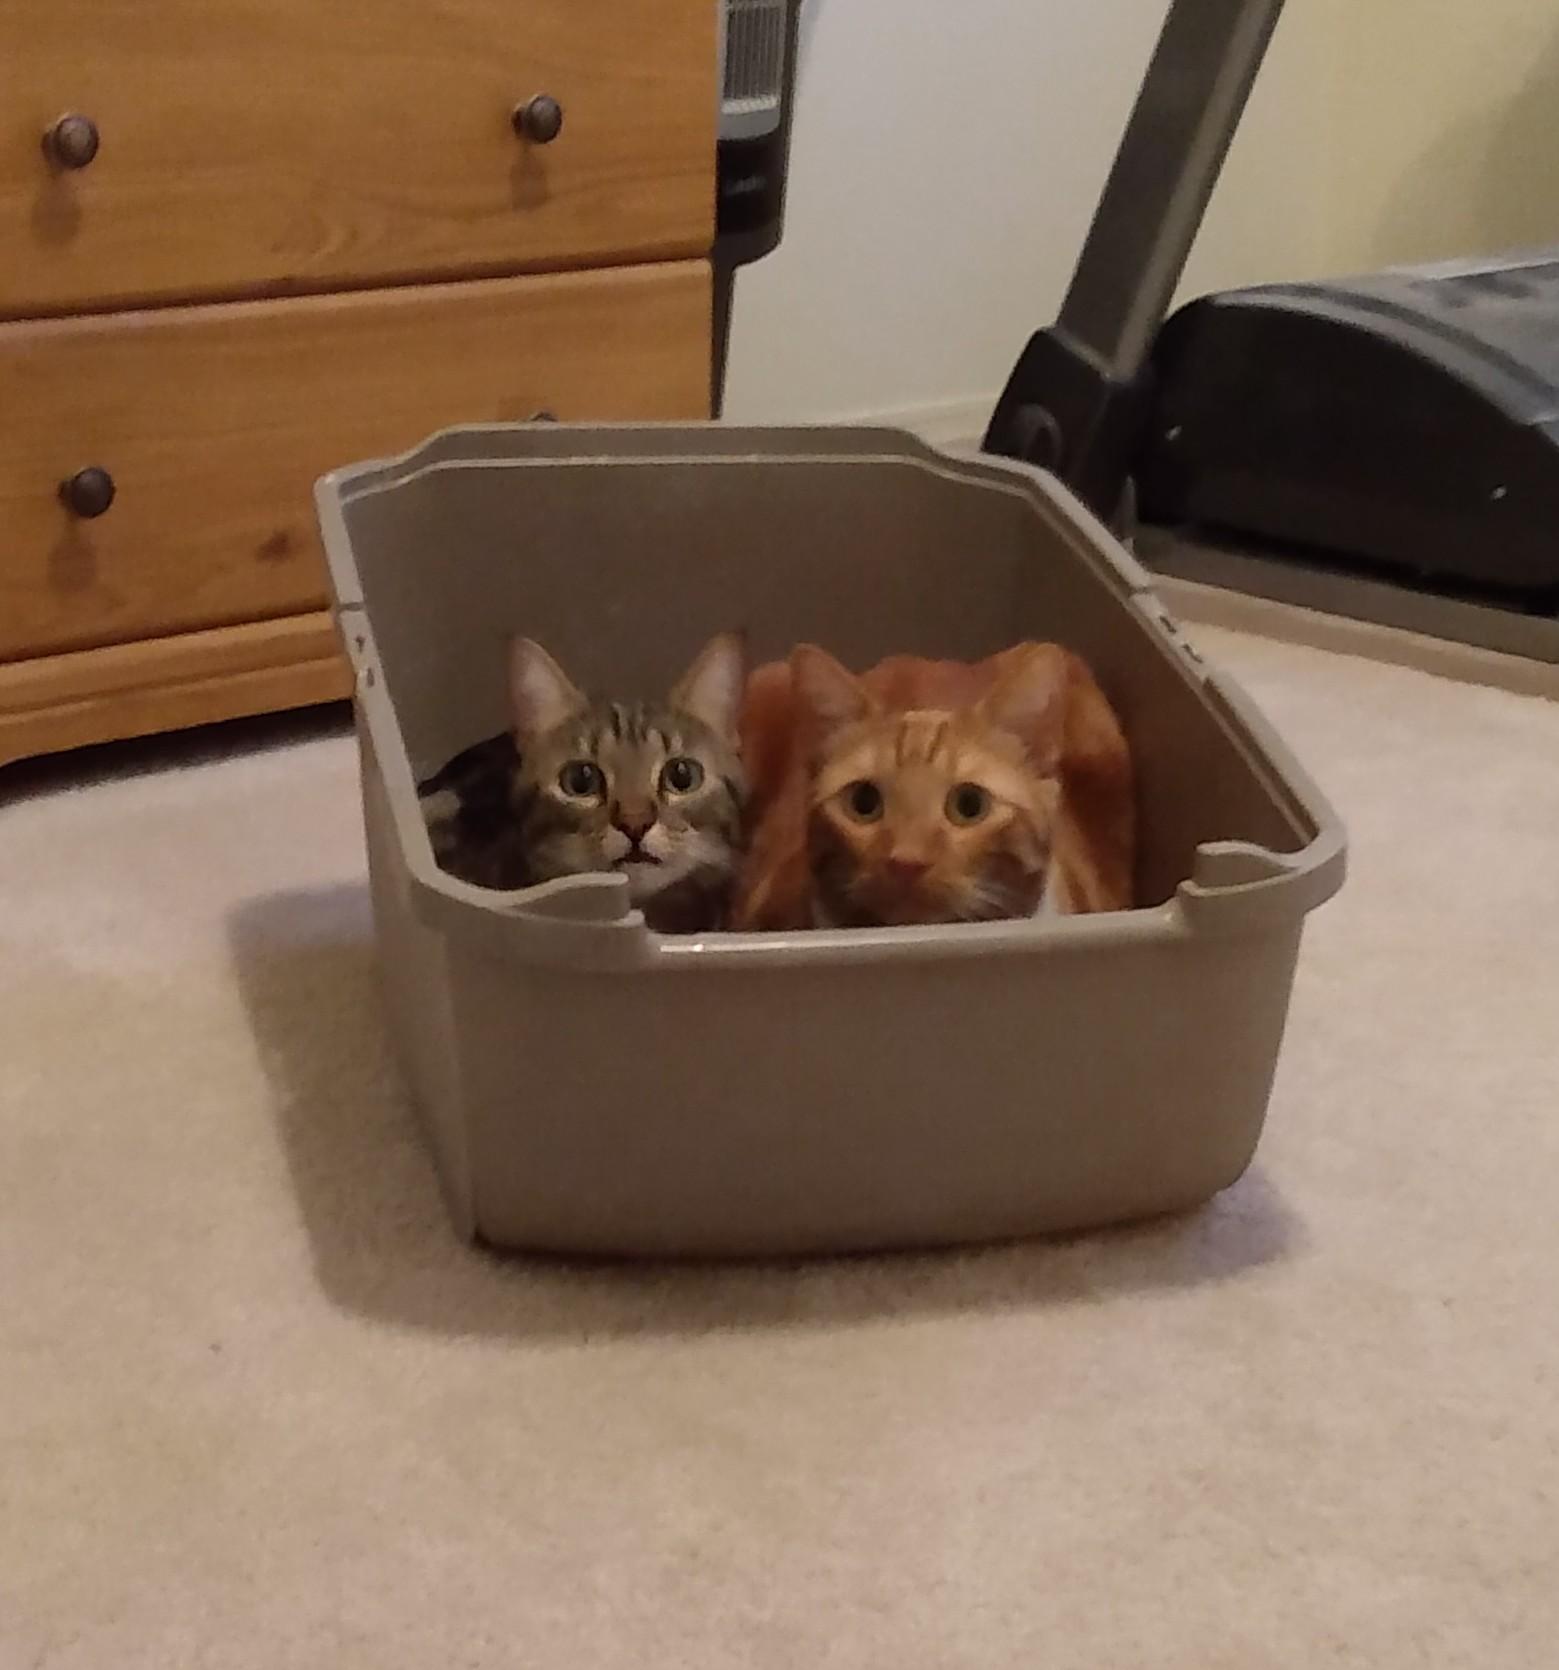 Cats like any box